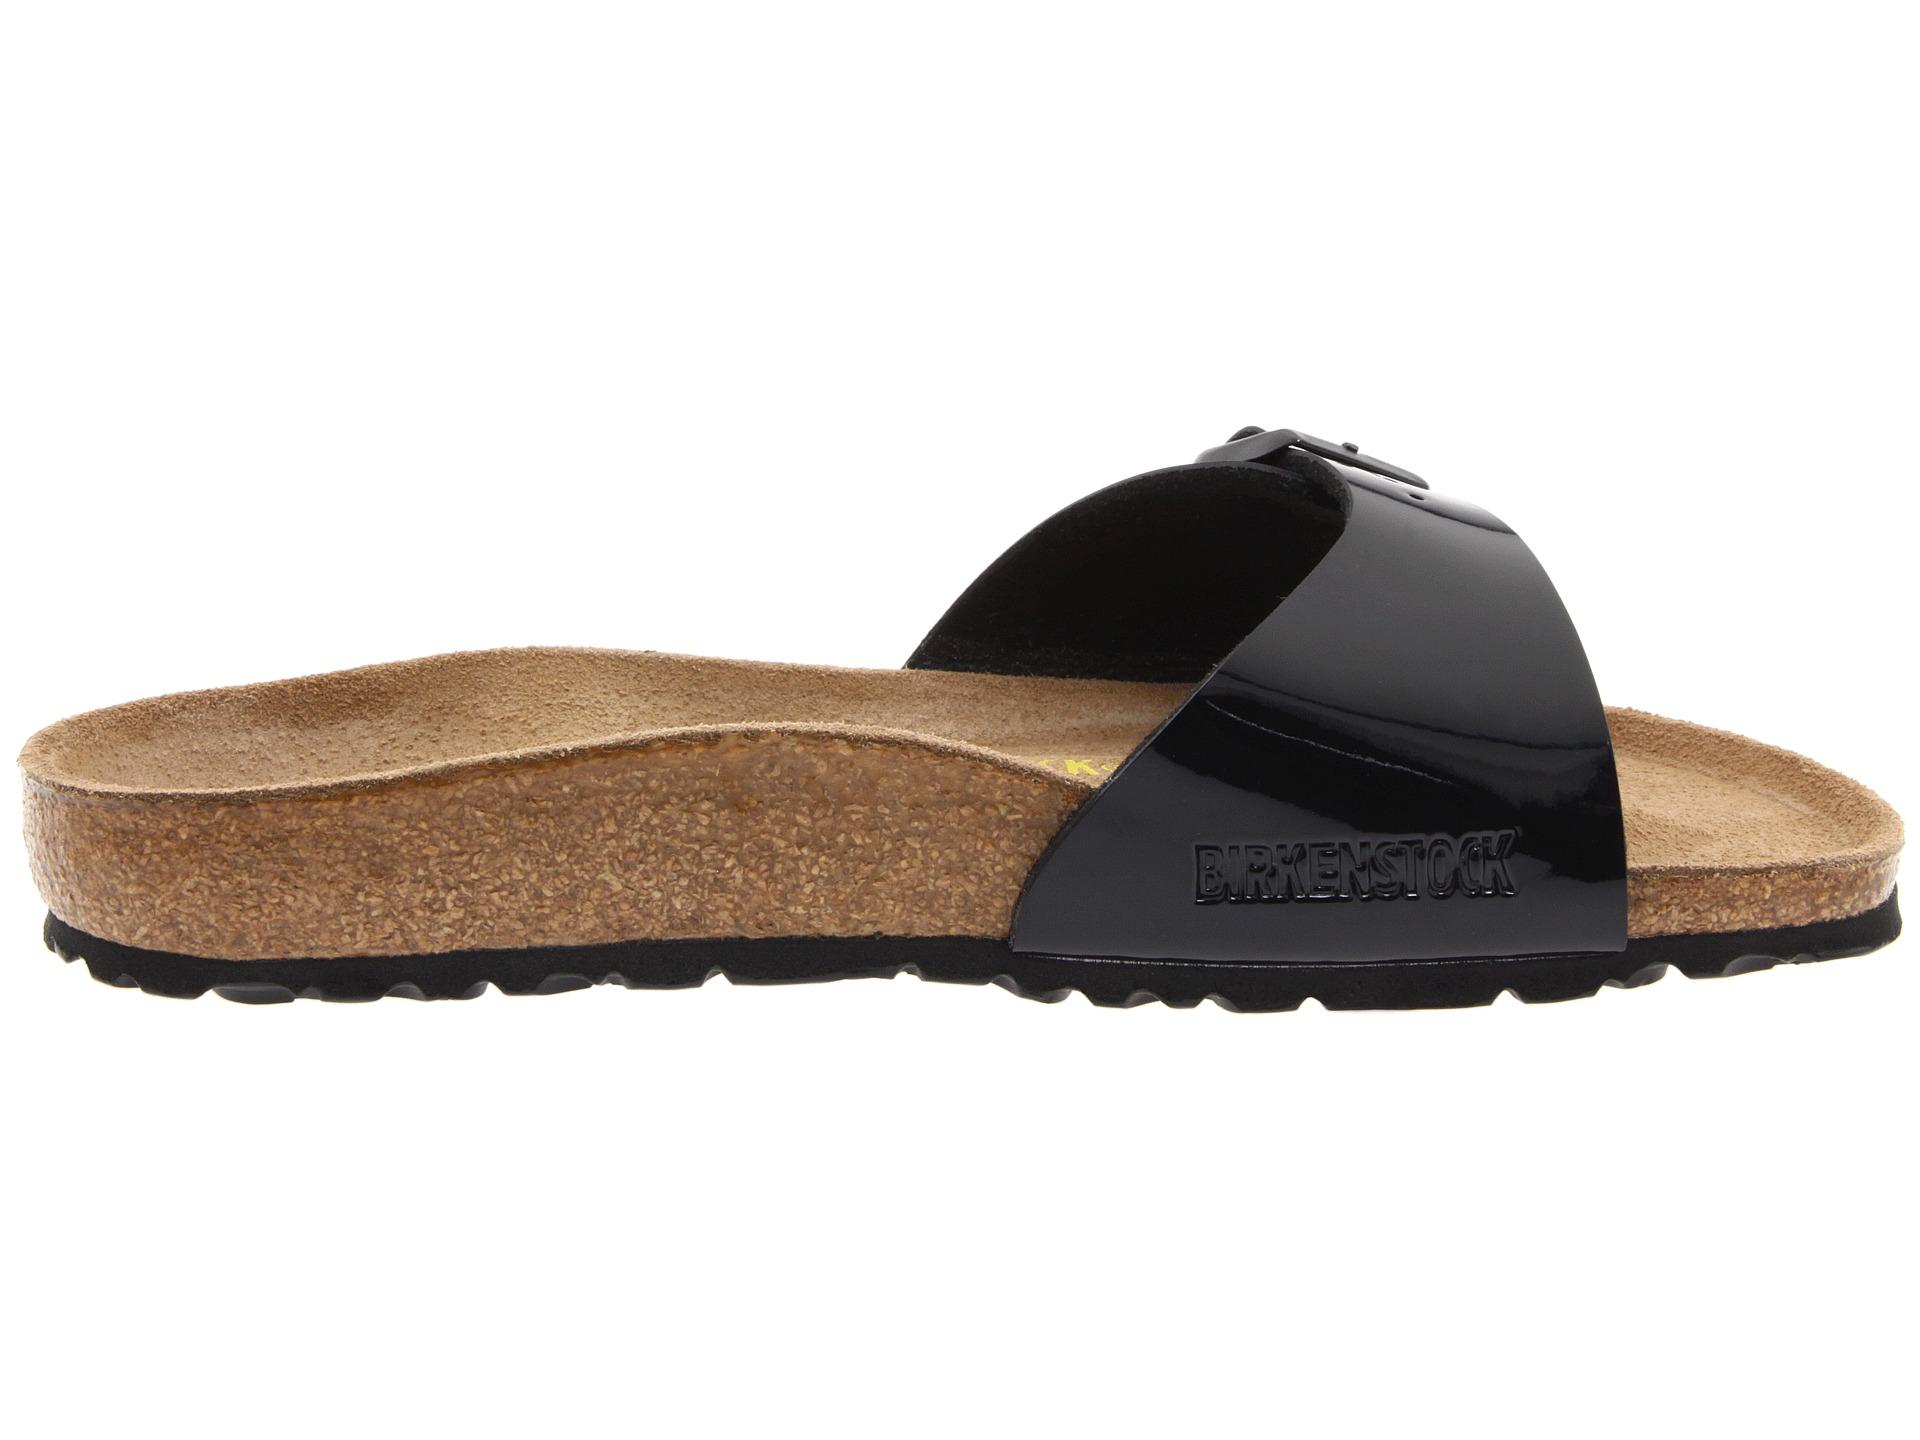 5b3f0900c263 Birkenstock Granada Sandal Orange Birkenstocks Shoes Men